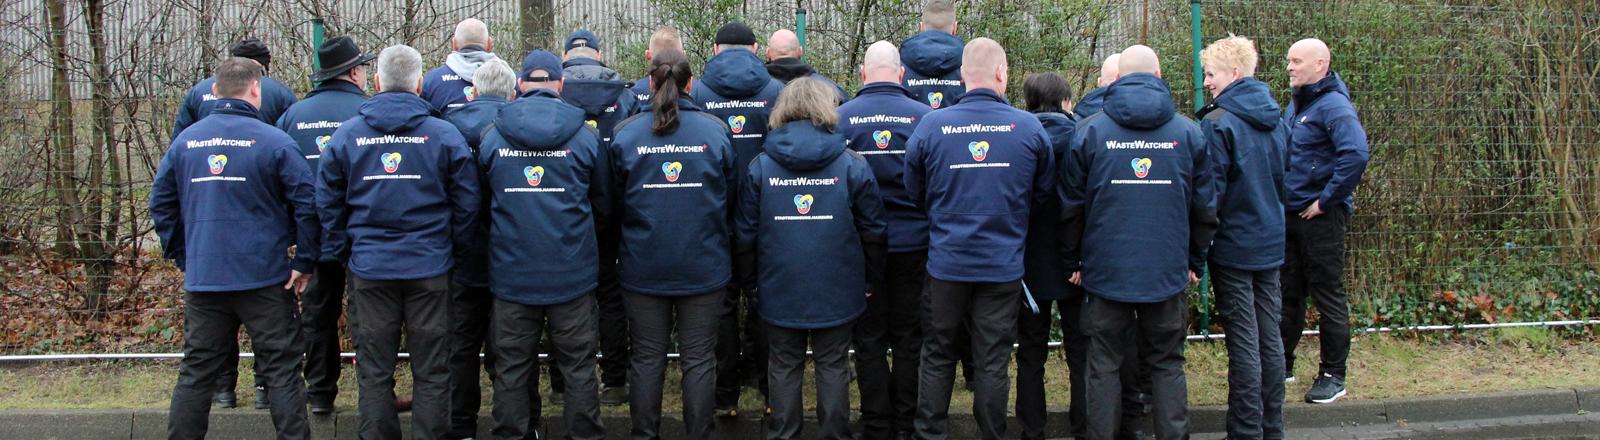 Rückenansicht: das Team der Waste Watcher im Januar 2018